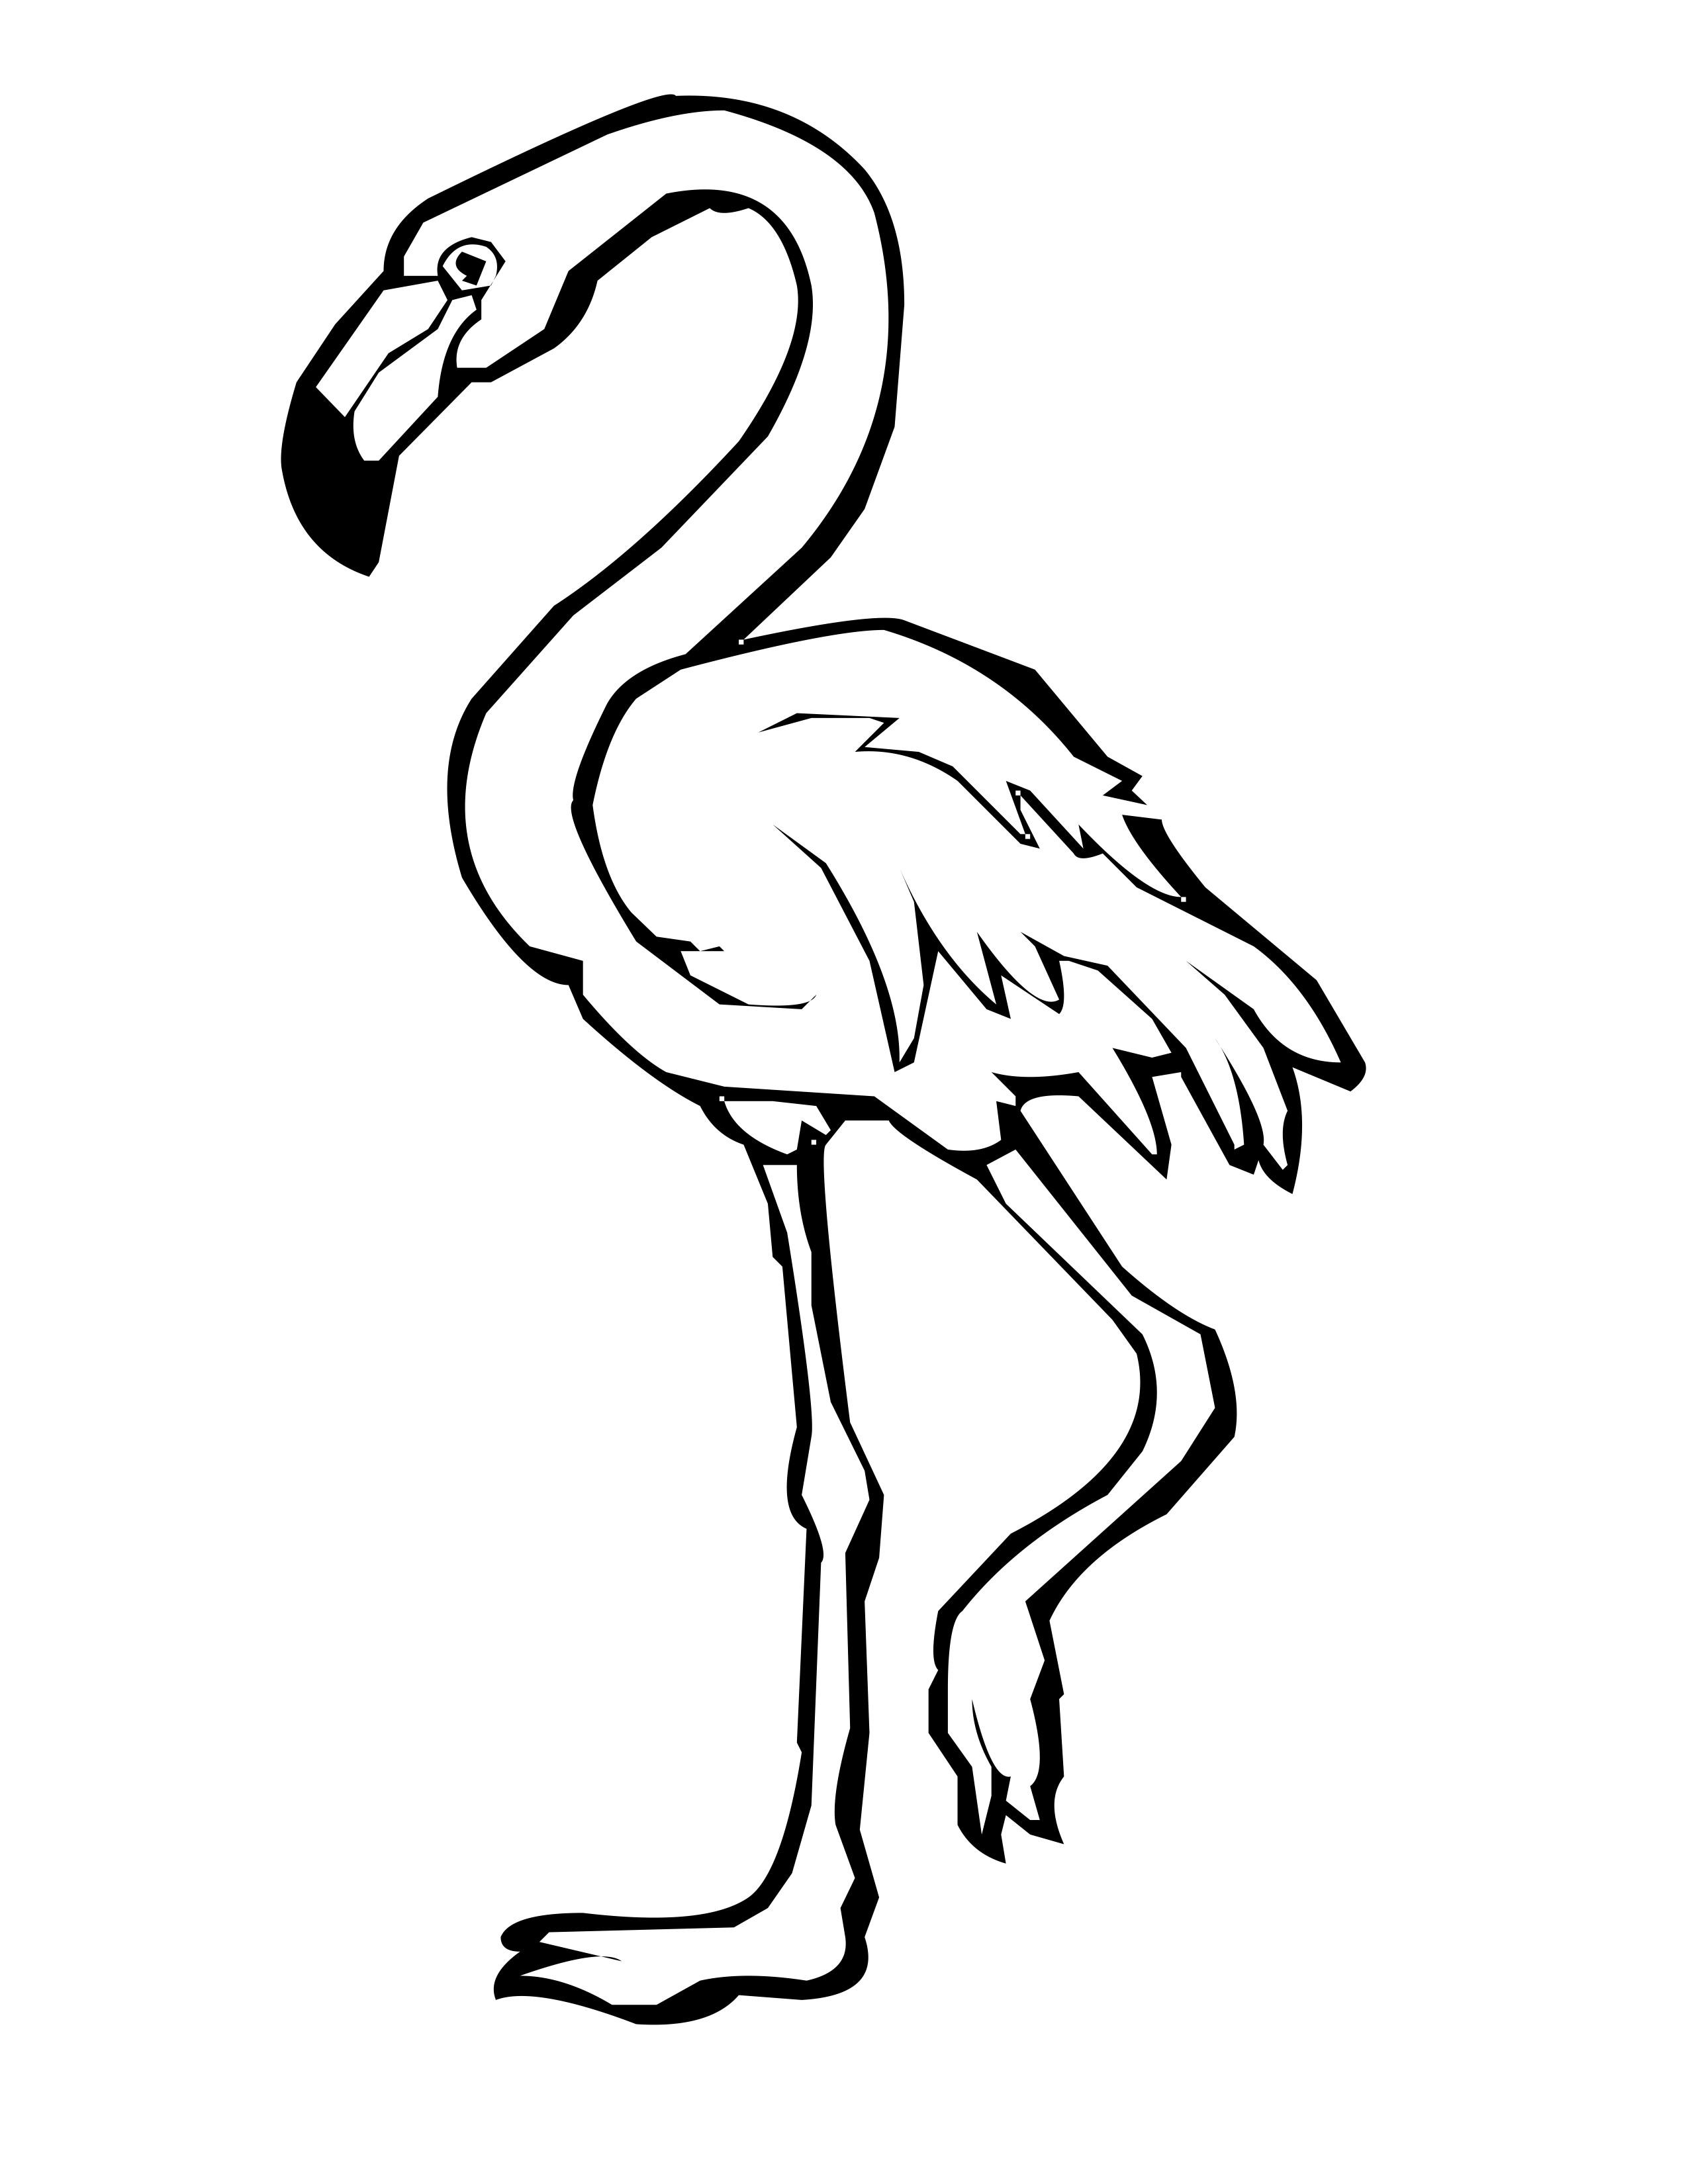 pictures of flamingos to print flamingos coloring pages to kids flamingos of to pictures print